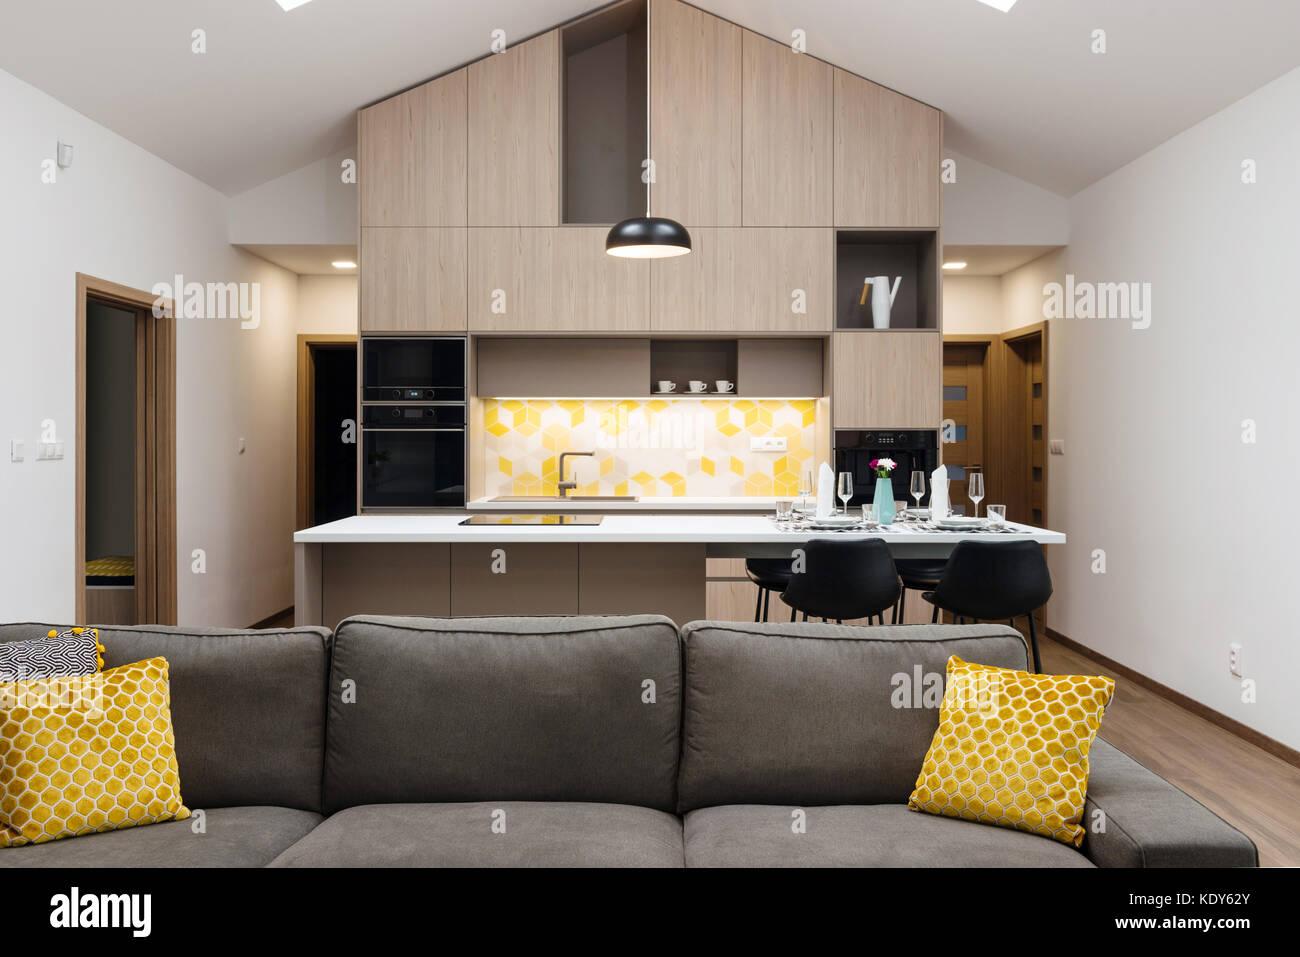 Wohnzimmer mit Küche im Hintergrund verbunden, moderne Haus innen ...